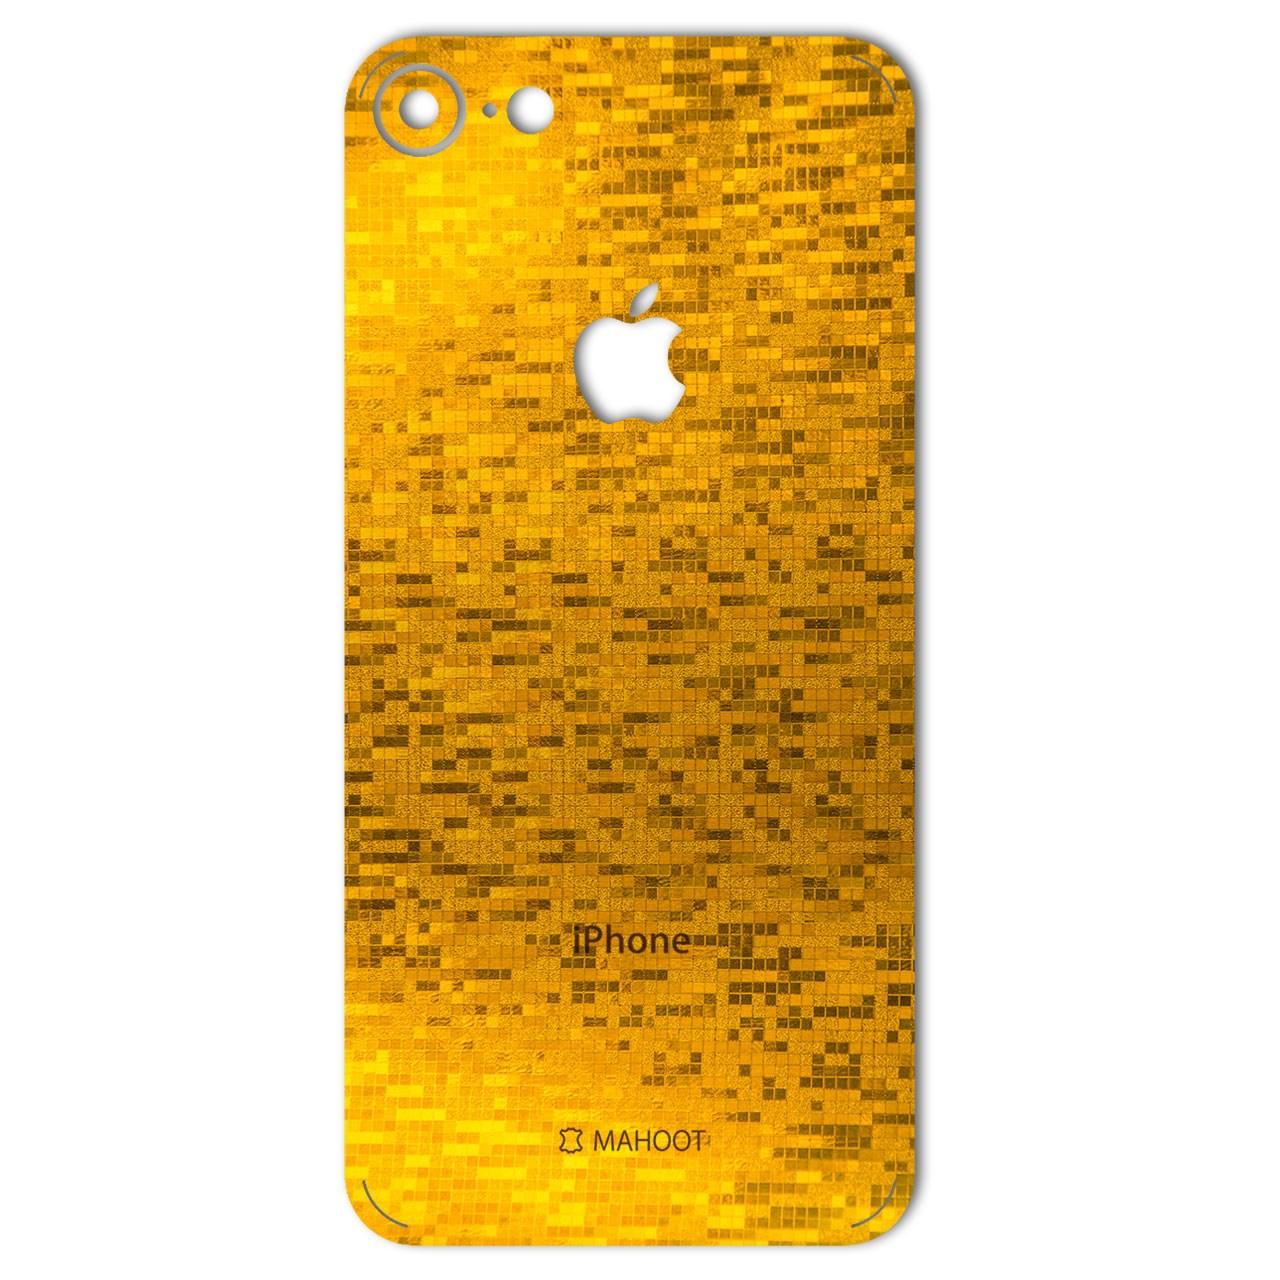 برچسب پوششی ماهوت مدل  Gold-pixel Special مناسب برای گوشی iPhone 7